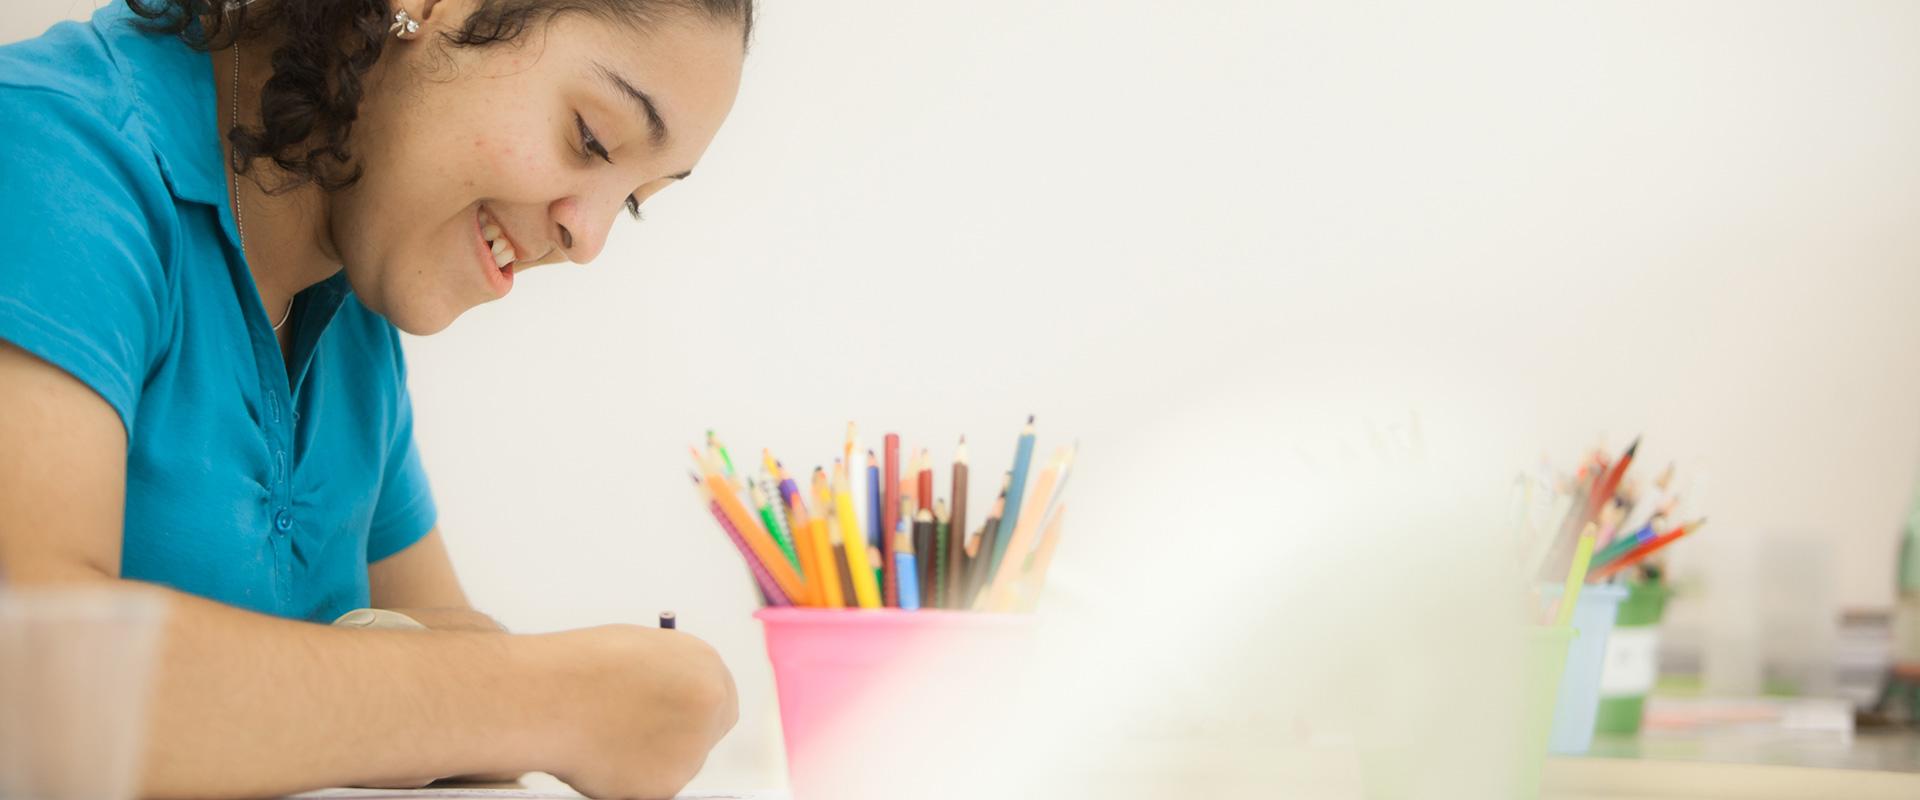 Moça escrevendo